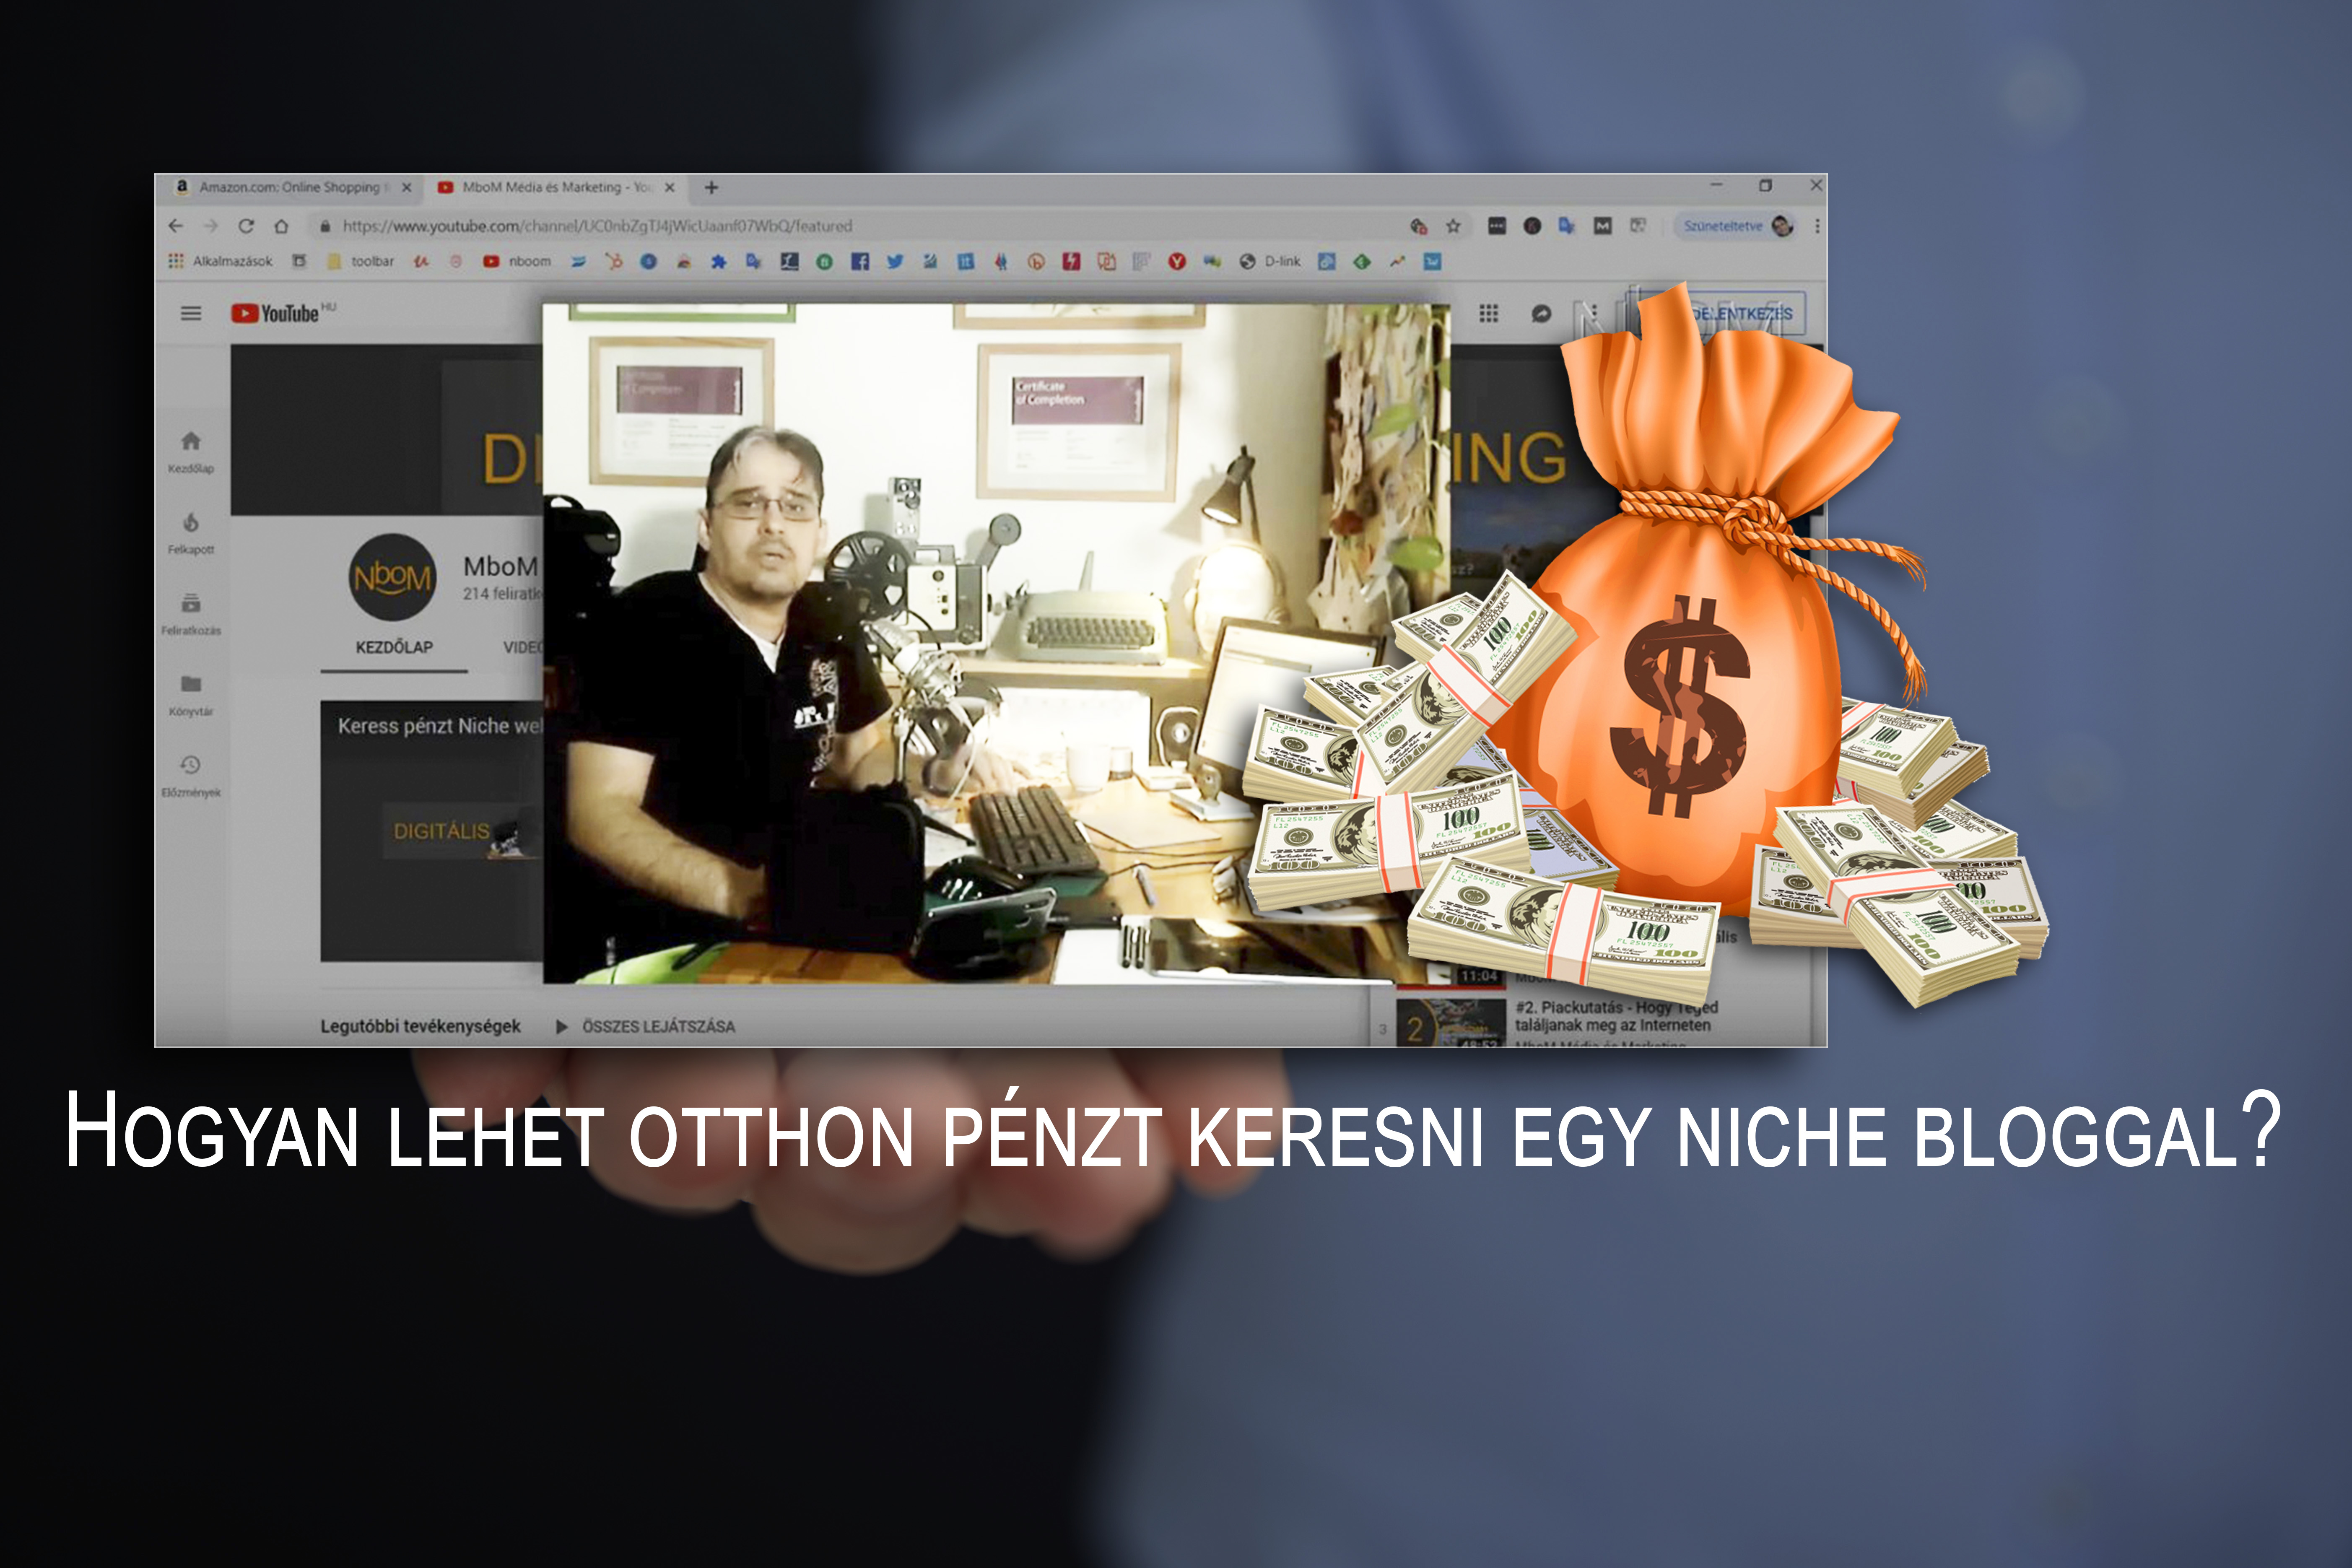 hogyan lehet pénzt keresni az interneten?)